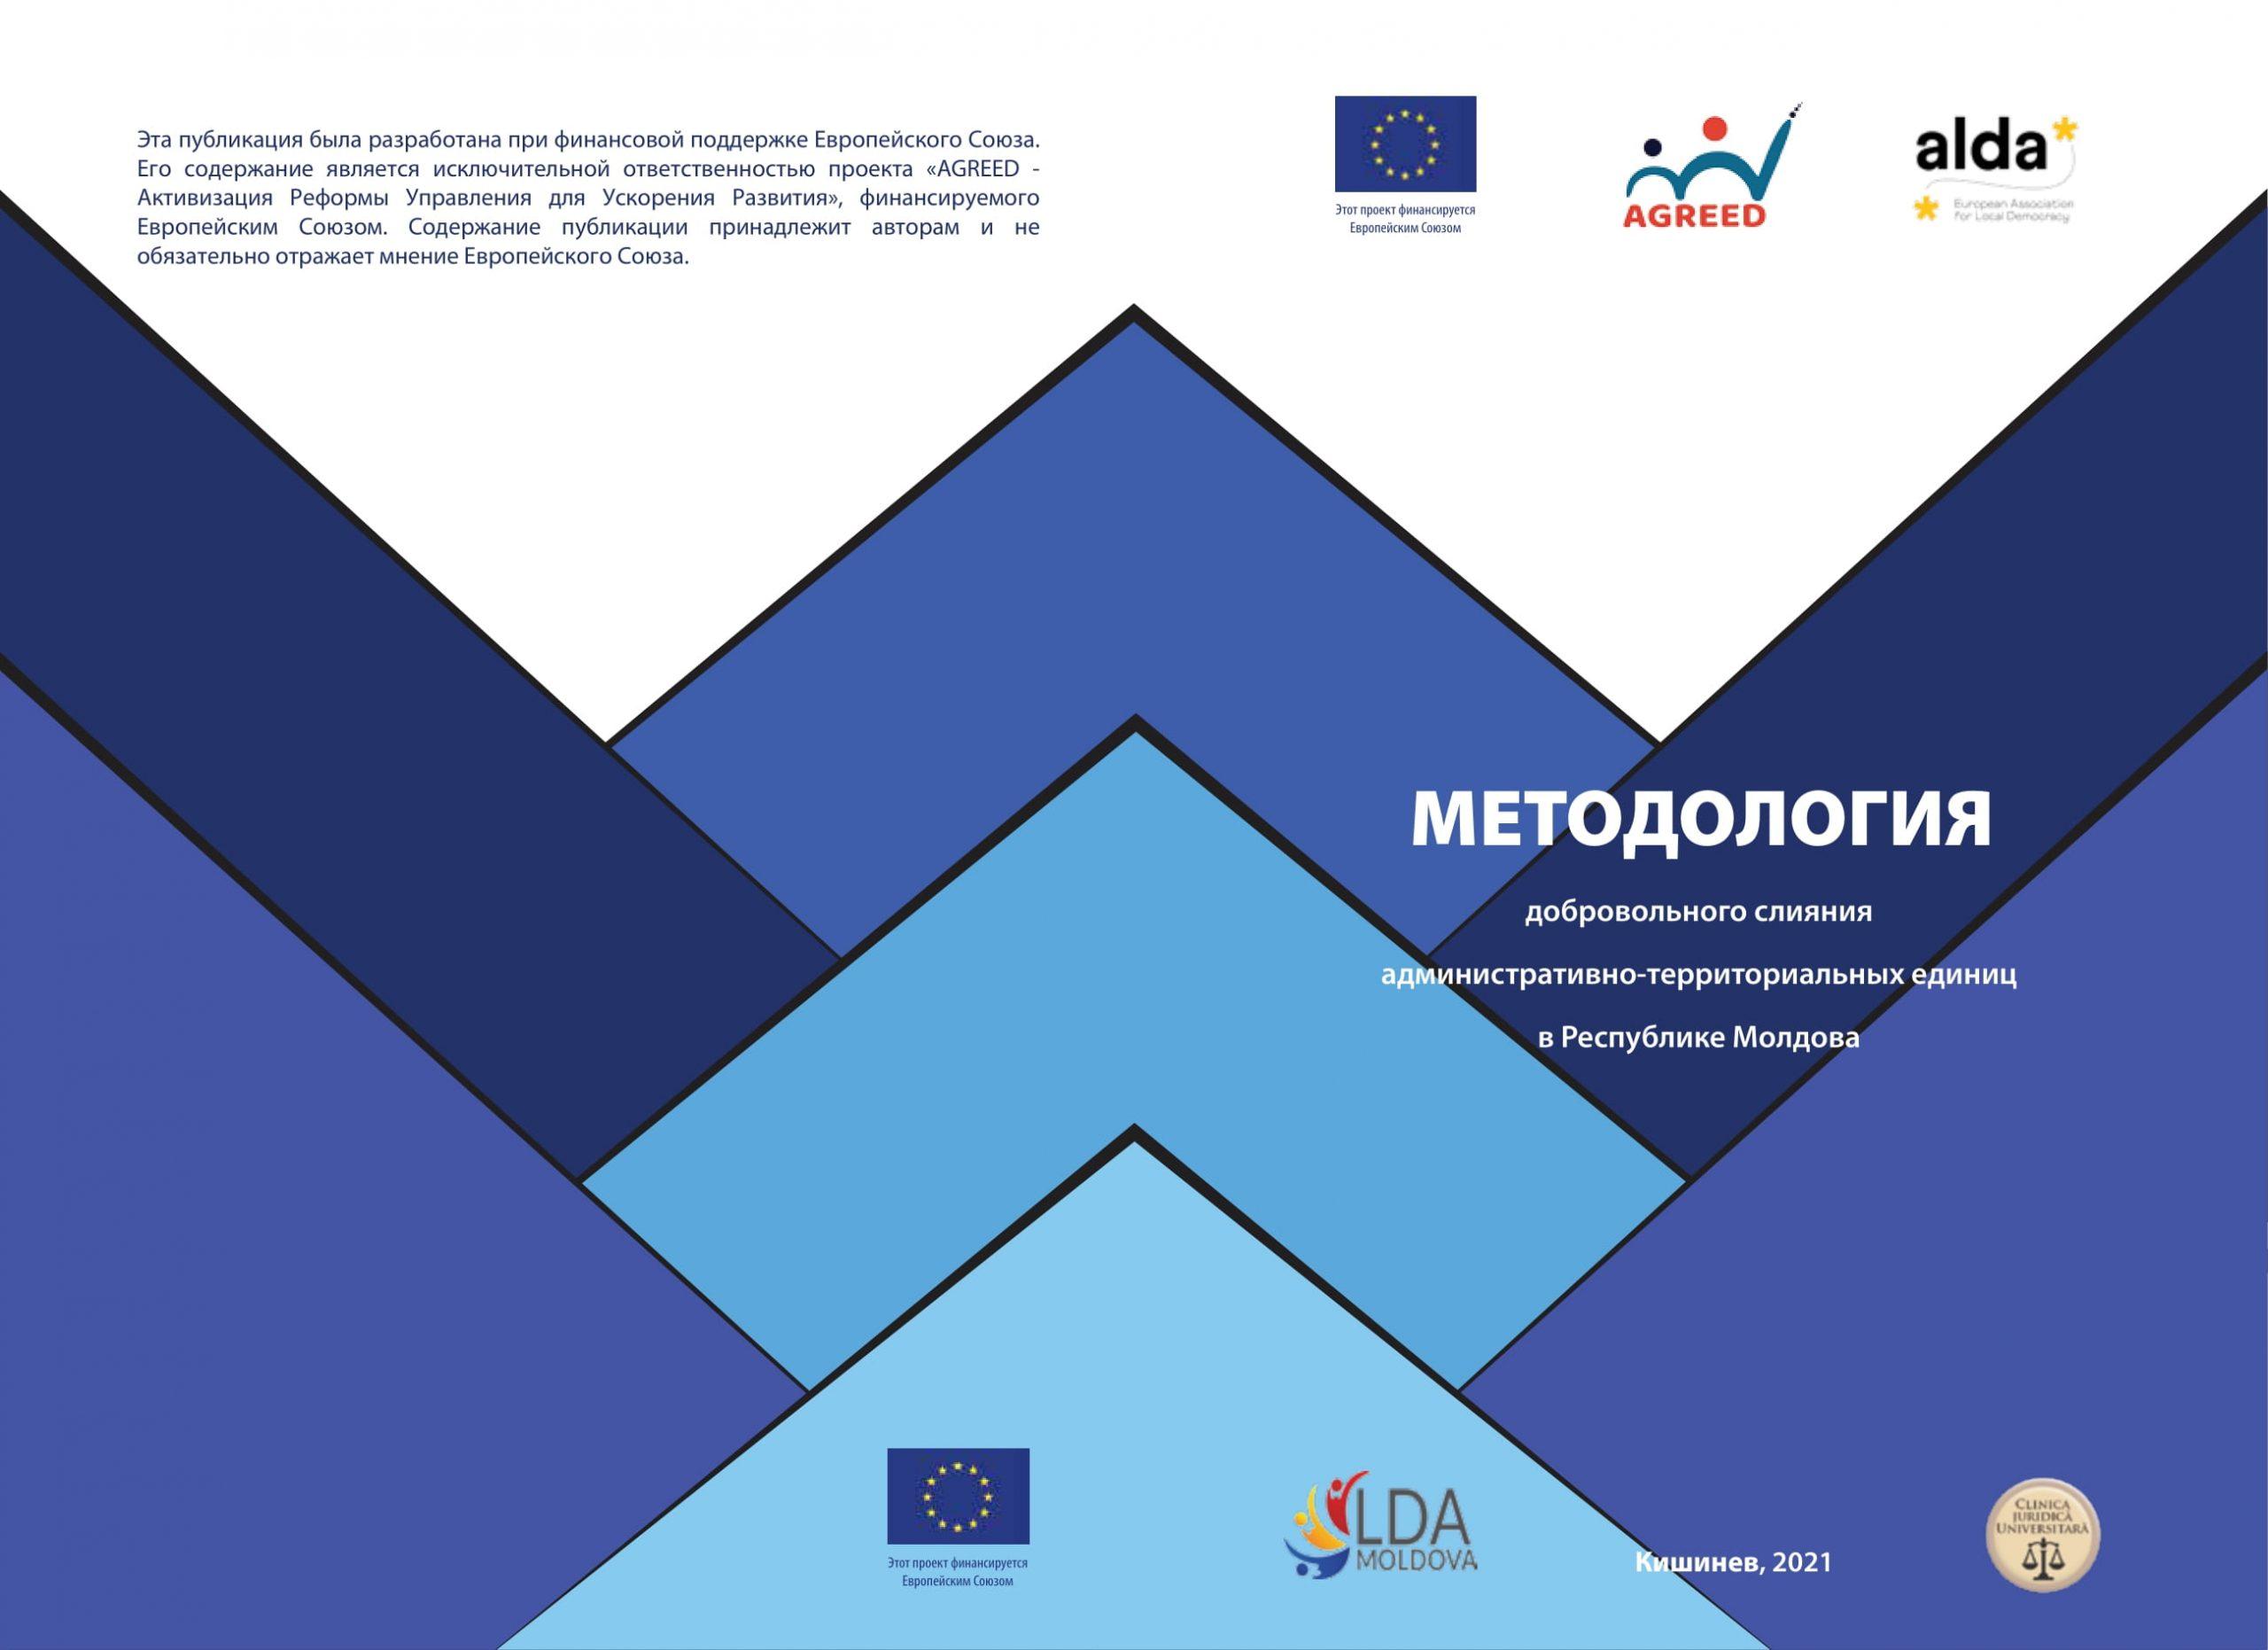 Брошюра «МЕТОДОЛОГИЯ добровольного слияния административно-территориальных единиц в Республике Молдова»